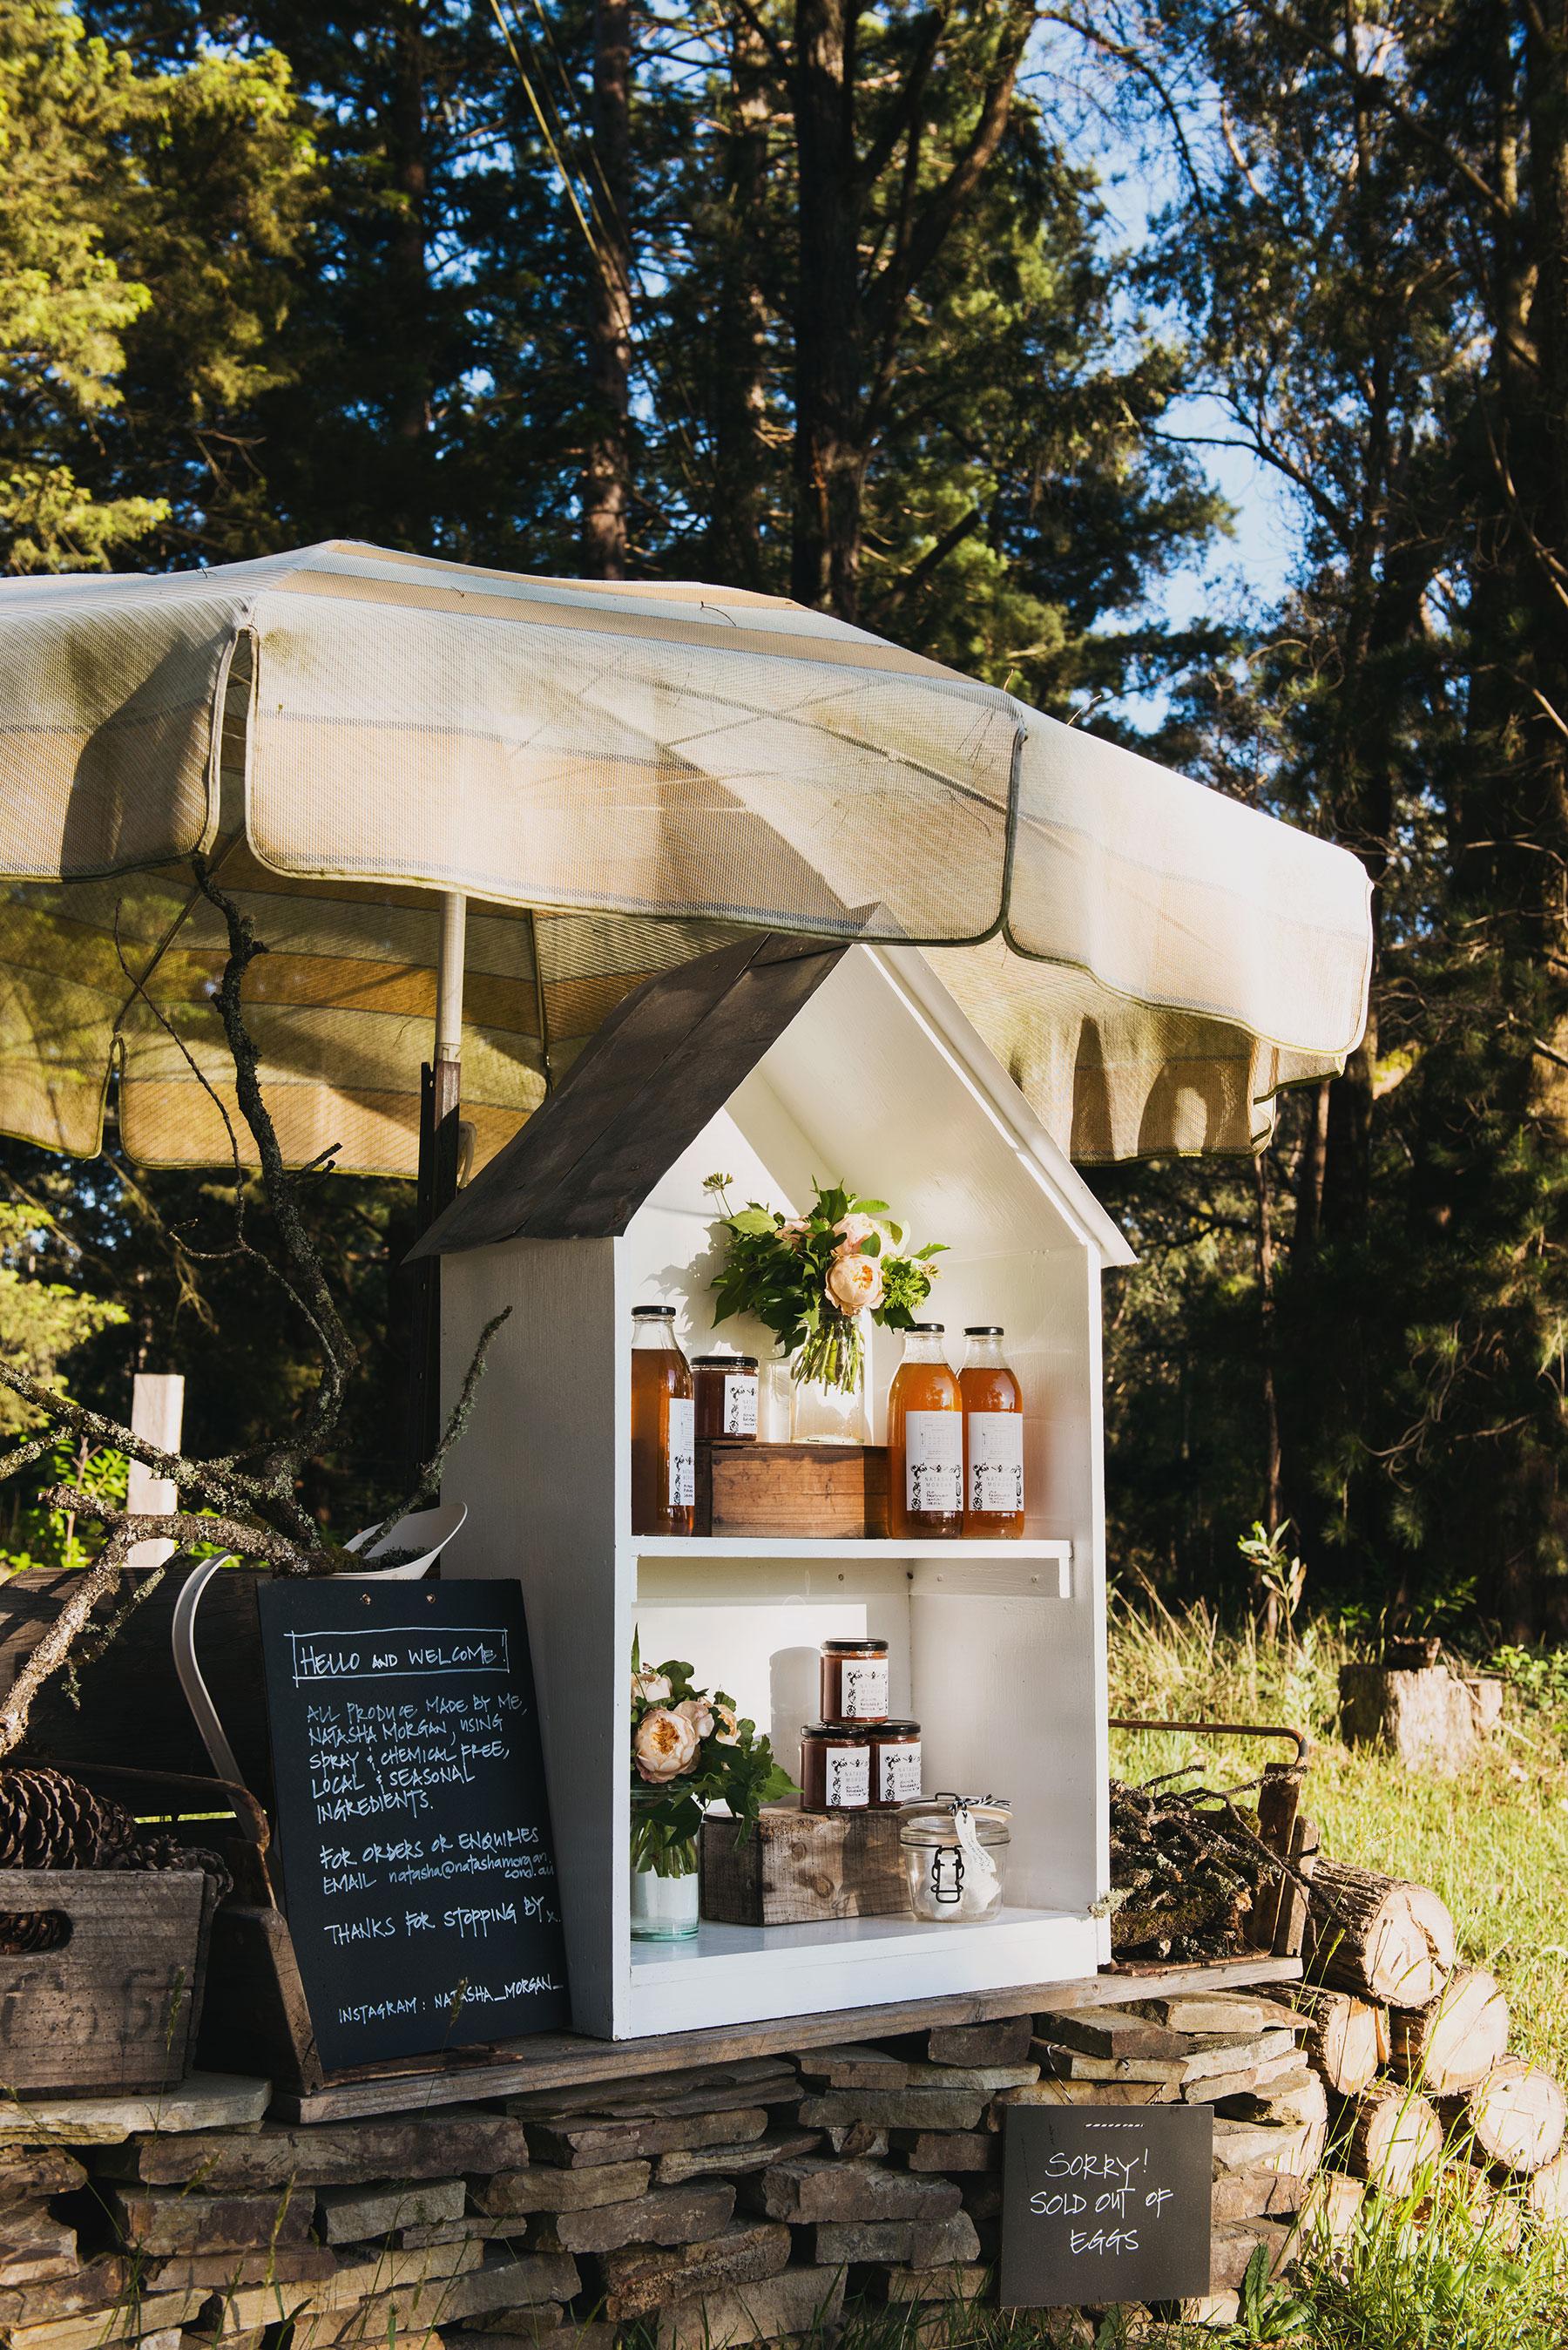 NatashaMorgan_0665_Farm Stall.jpg